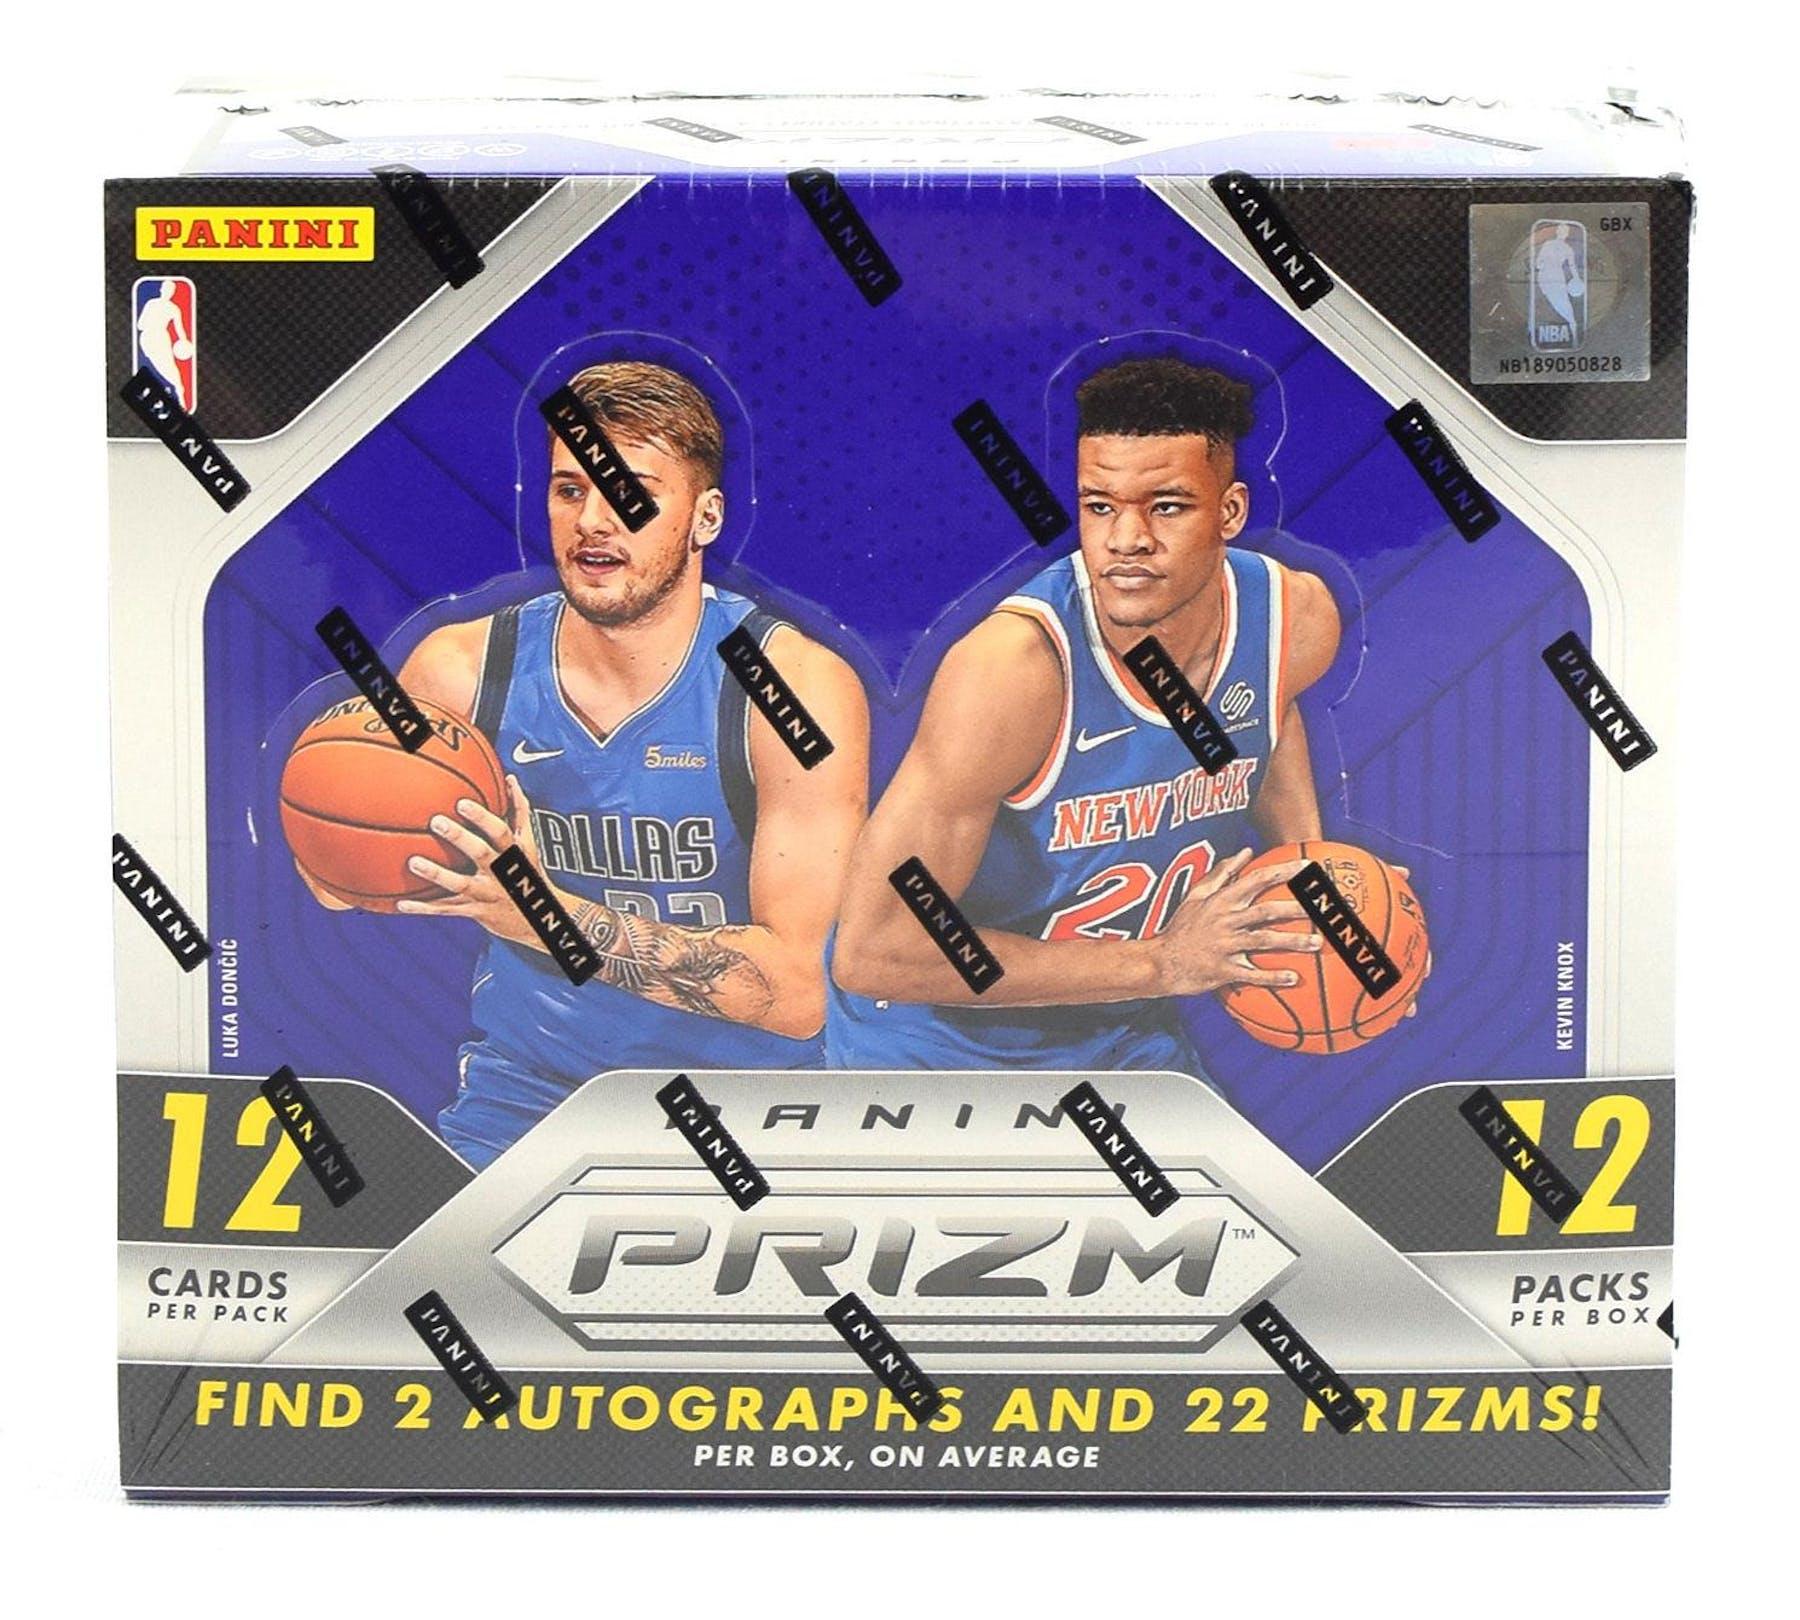 2018 19 Panini Nba Hoops Basketball Hobby Box: Panini Prizm Basketball Boxes (2x 2017/18